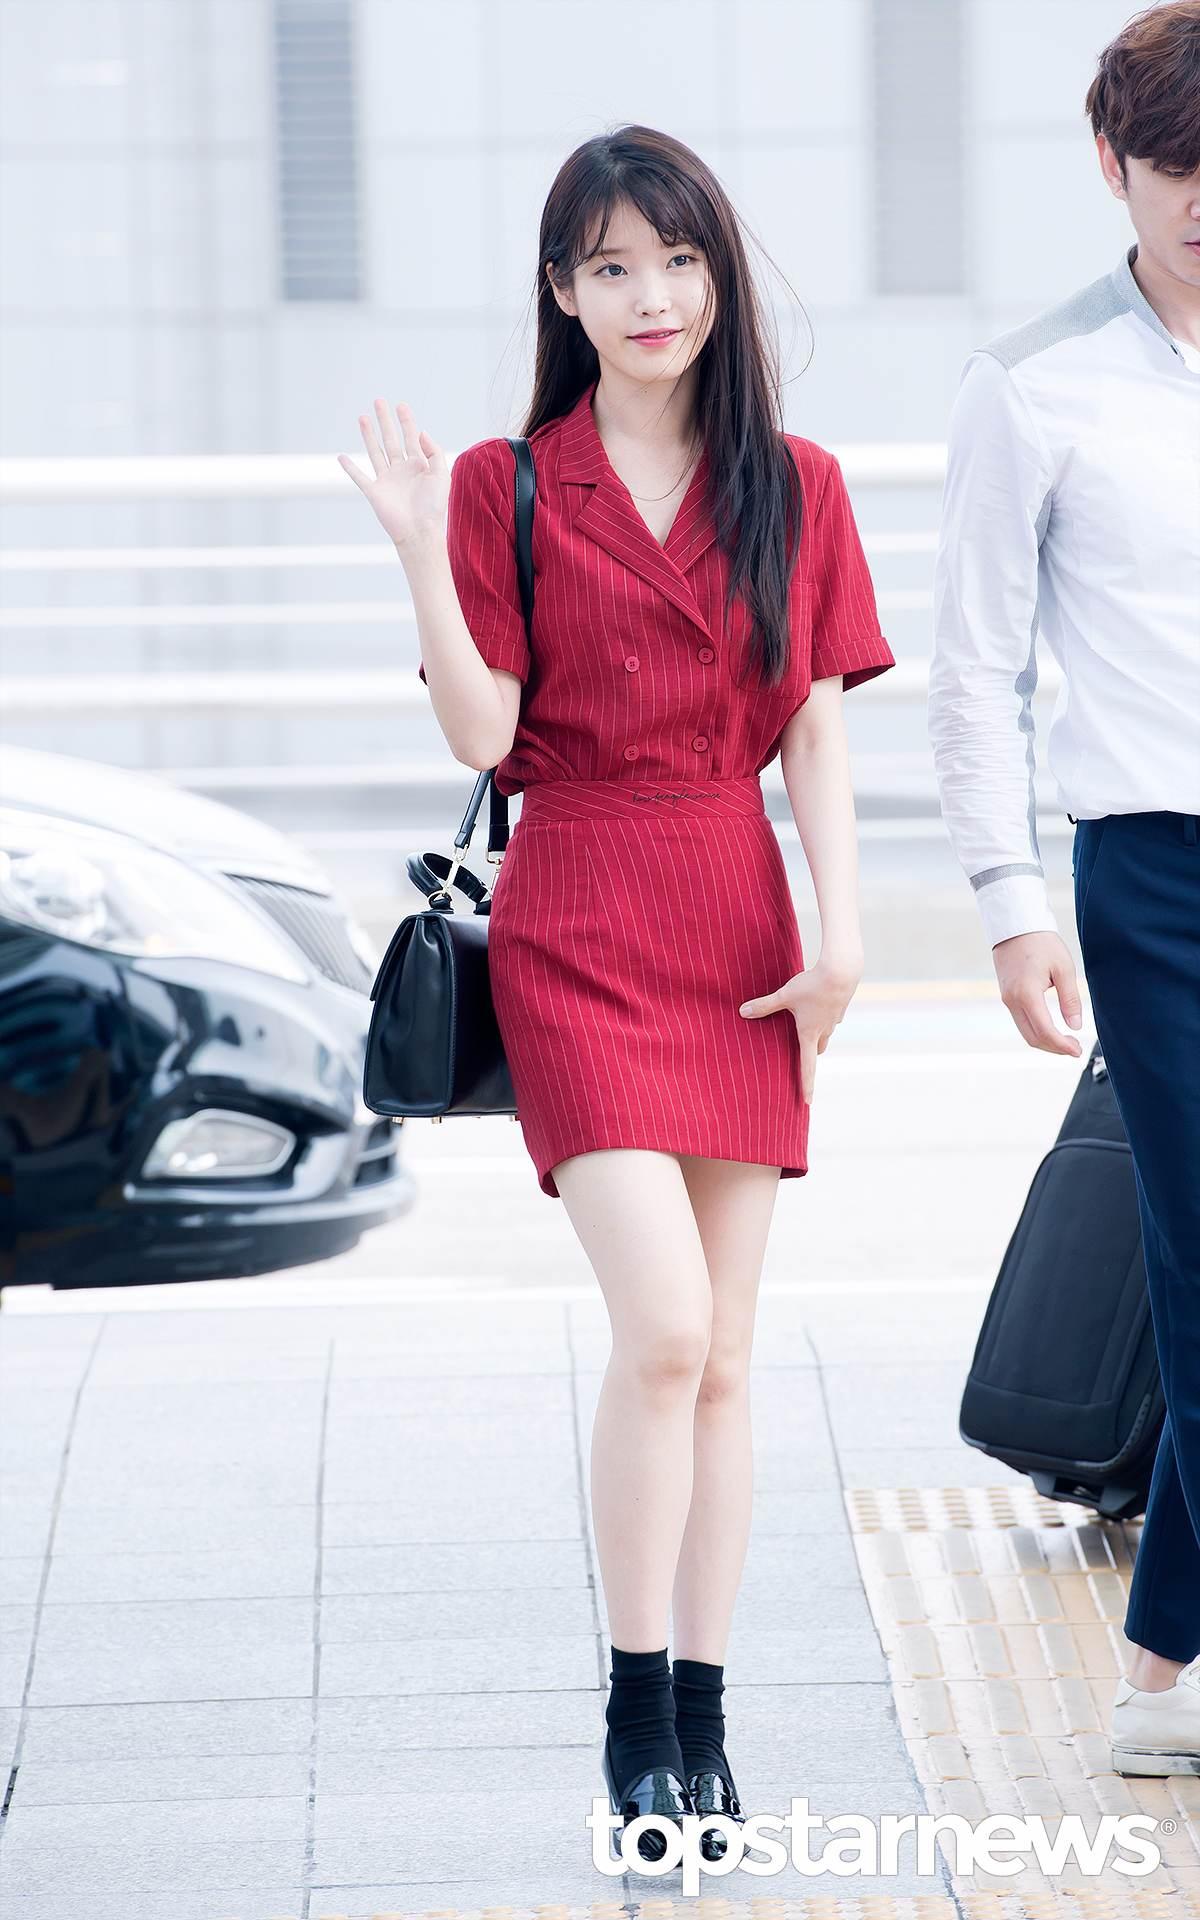 IU則是紅色套裝比較成熟一點~而且這顯露腰身的洋裝,顯得她腰跟屁股都好小唷(羨慕~~)